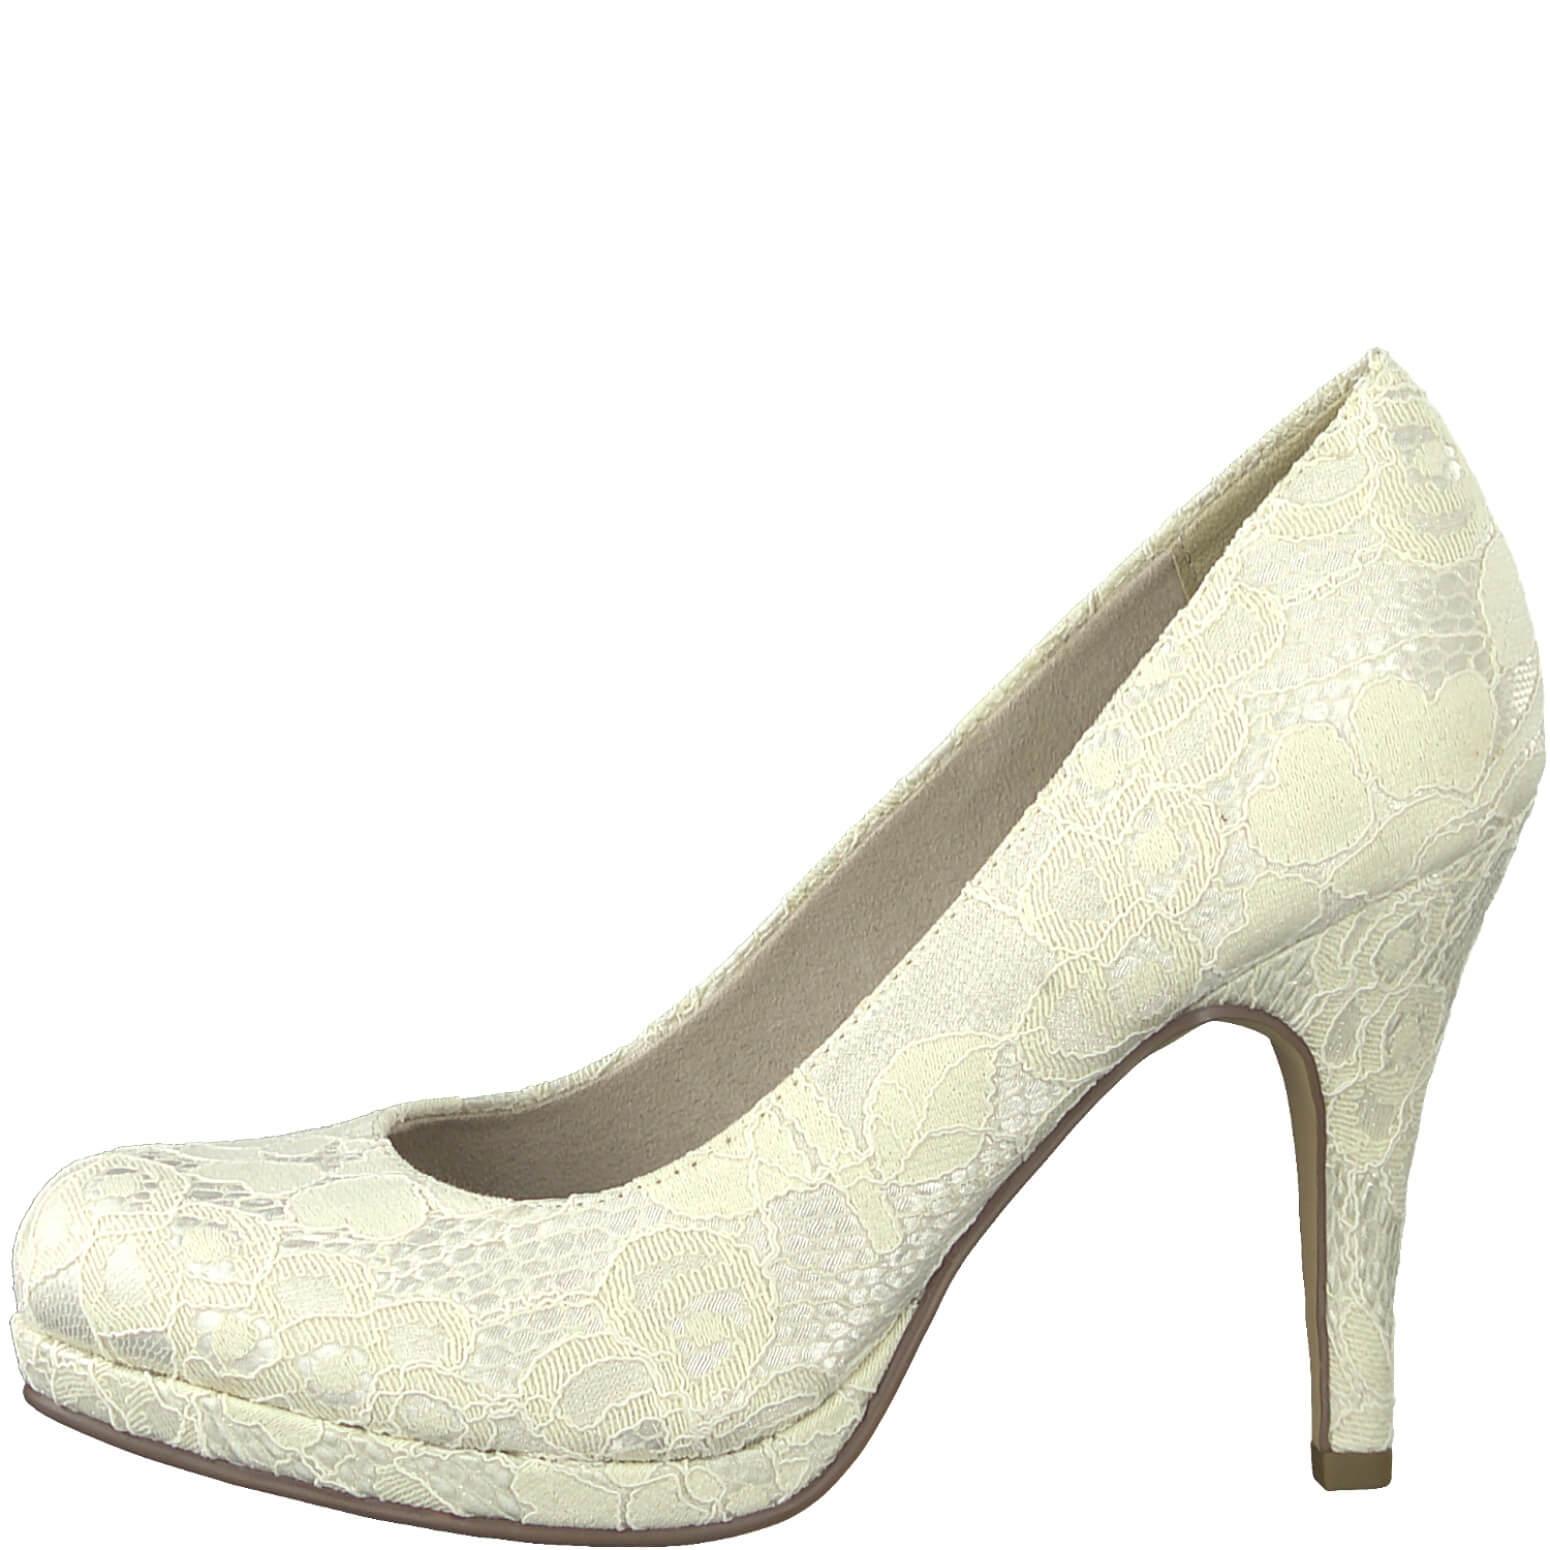 Tamaris Női alkalmi cipő 1-1-22407-22-419 Ivory Macramee. Előző  Következő   7dcccad611